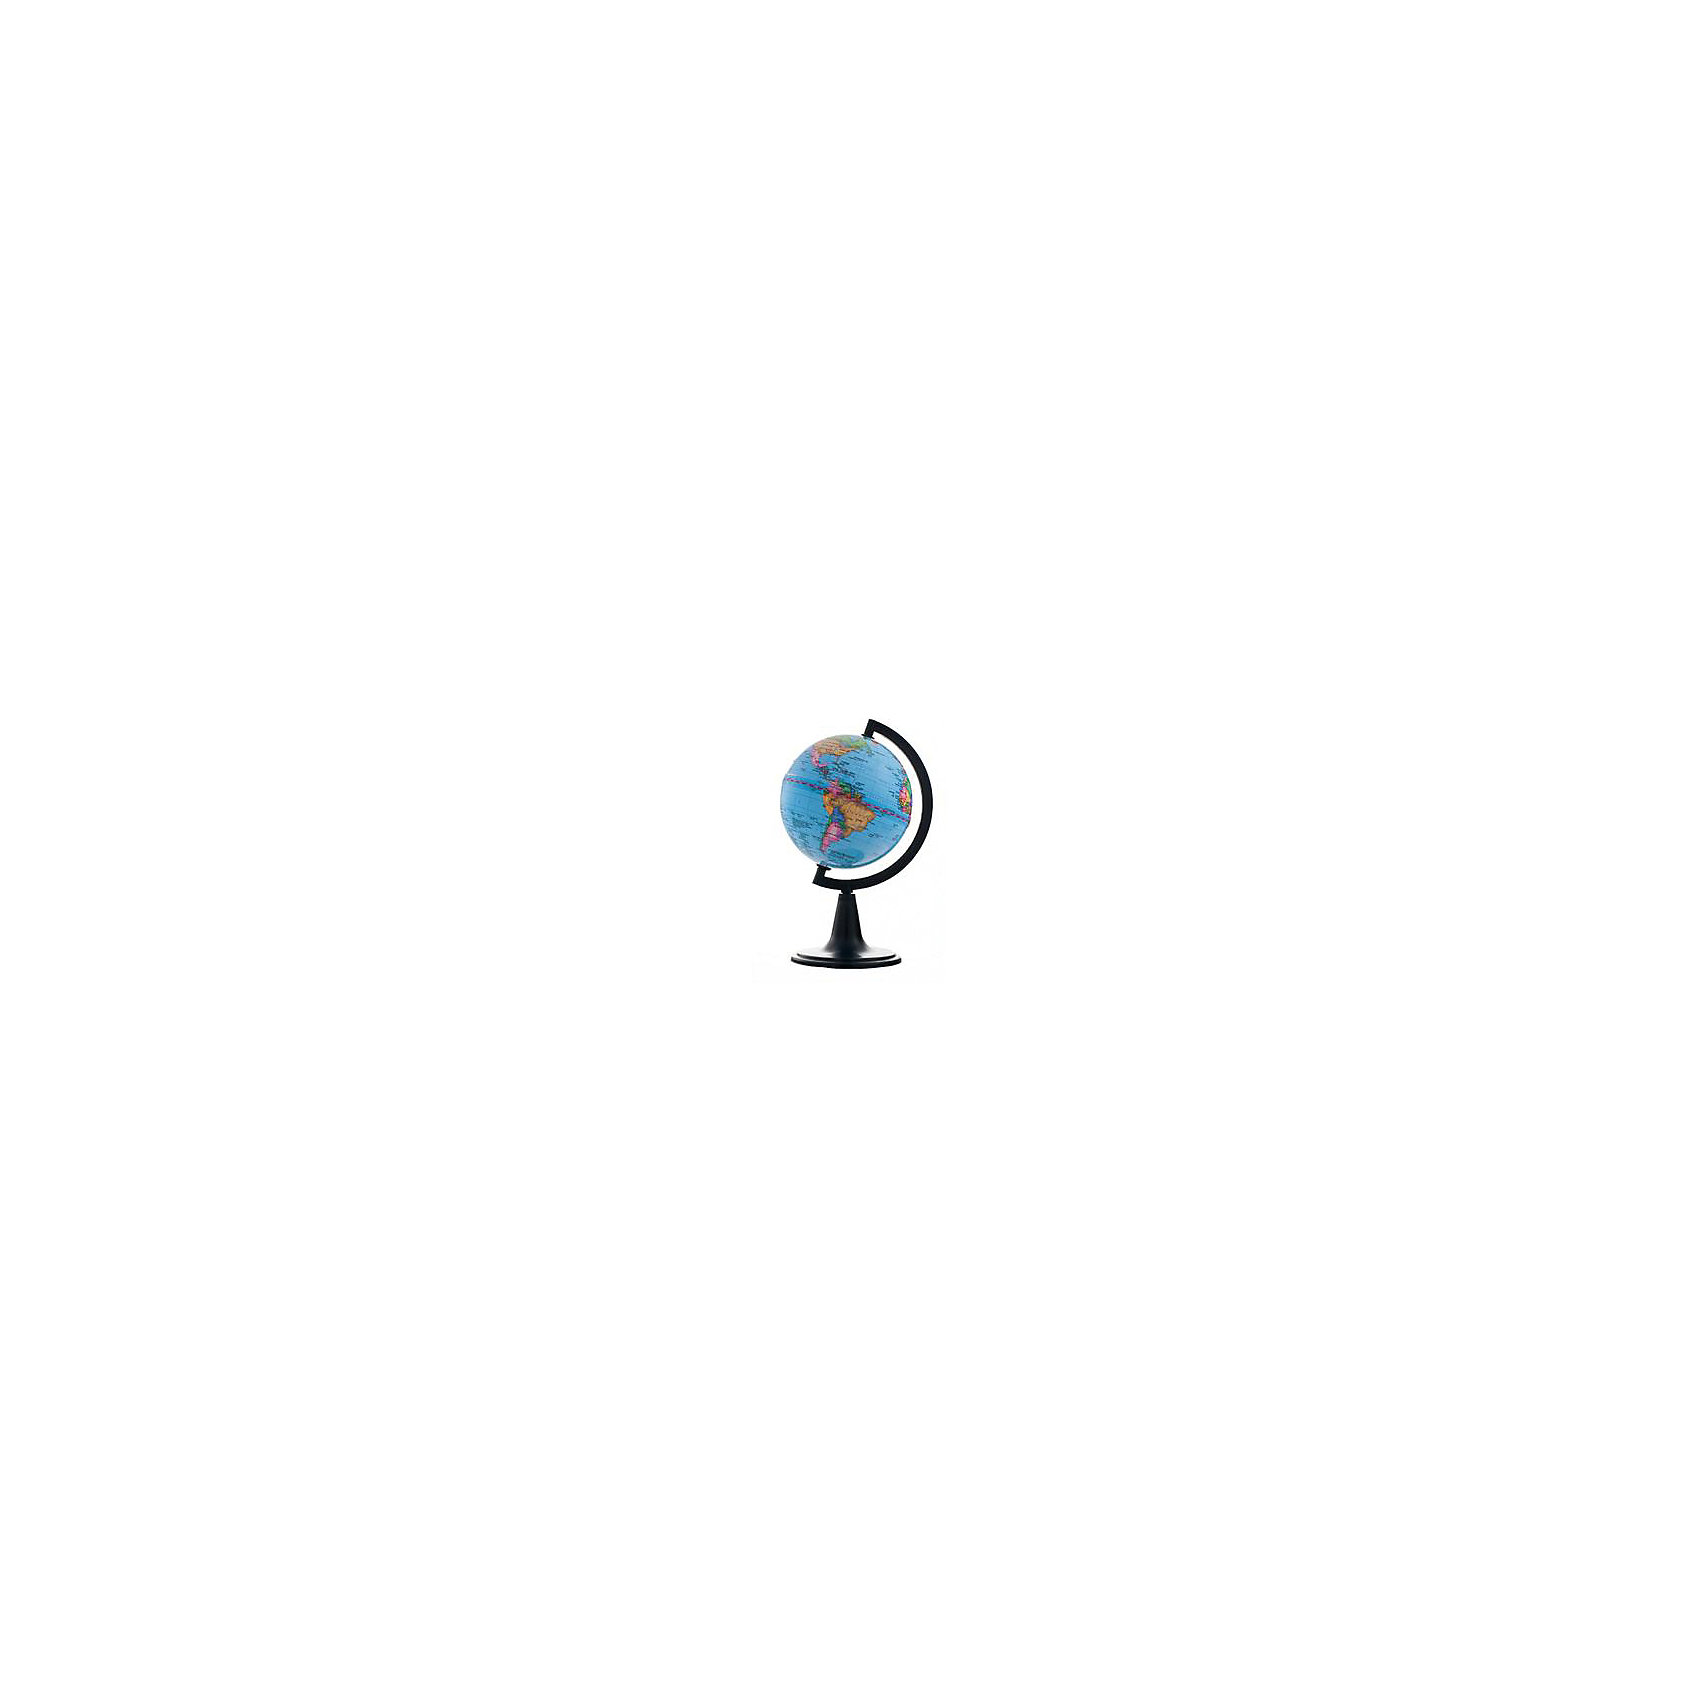 Глобус Земли политический, диаметр 120 ммГлобусы<br>Характеристики товара:<br><br>• возраст от 6 лет;<br>• материал: пластик;<br>• цвет подставки: чёрный<br>• диаметр глобуса 120 мм;<br>• масштаб 1:106000000;<br>• размер упаковки 46,8х46,8х43,5 см;<br>• вес упаковки 180 гр.;<br>• страна производитель: Россия.<br><br>Глобус Земли политический, 120 мм Глобусный мир — уменьшенная копия нашей планеты. Глобус станет отличным дополнением при изучении географии для школьника или студента. Он представляет собой политическую карту мира со странами, их границами, столицами и городами.<br><br>Глобус Земли политический, 120 мм Глобусный мир можно приобрести в нашем интернет-магазине.<br><br>Ширина мм: 468<br>Глубина мм: 468<br>Высота мм: 435<br>Вес г: 180<br>Возраст от месяцев: 72<br>Возраст до месяцев: 2147483647<br>Пол: Унисекс<br>Возраст: Детский<br>SKU: 5518222